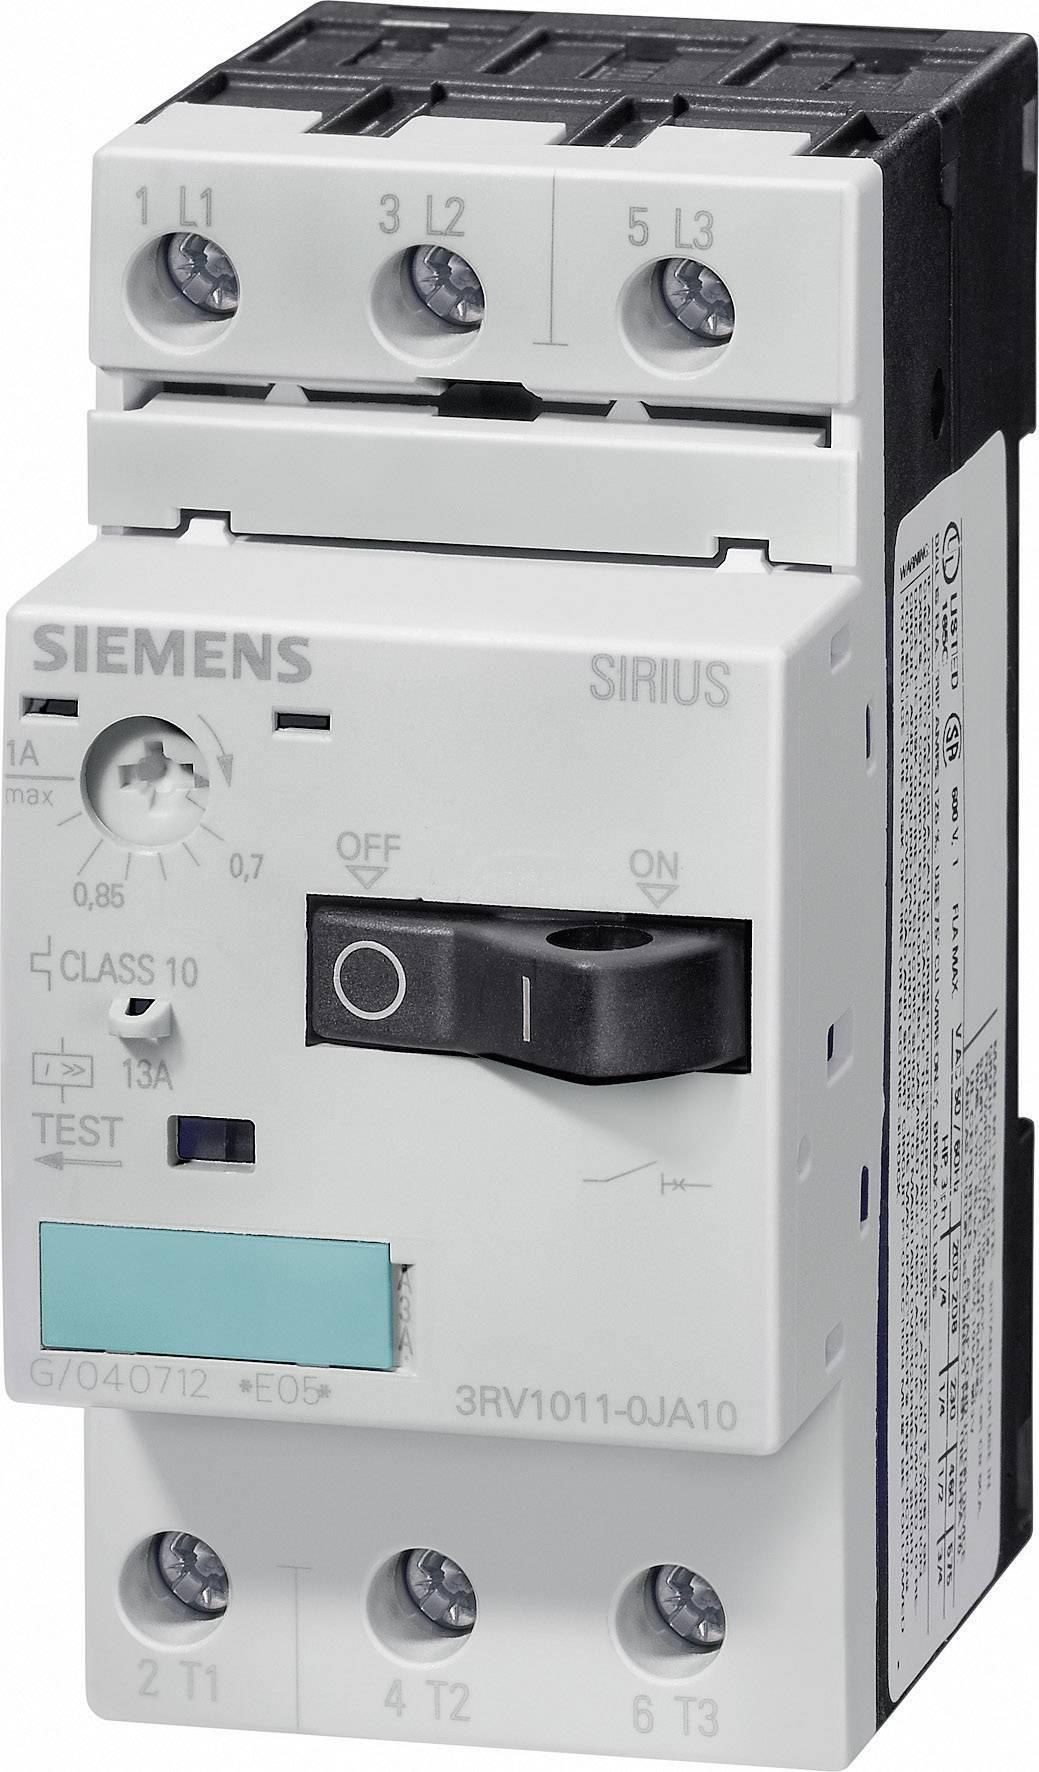 Výkonový spínač Siemens 3RV1011-1HA10, 5,50 - 8,00 A